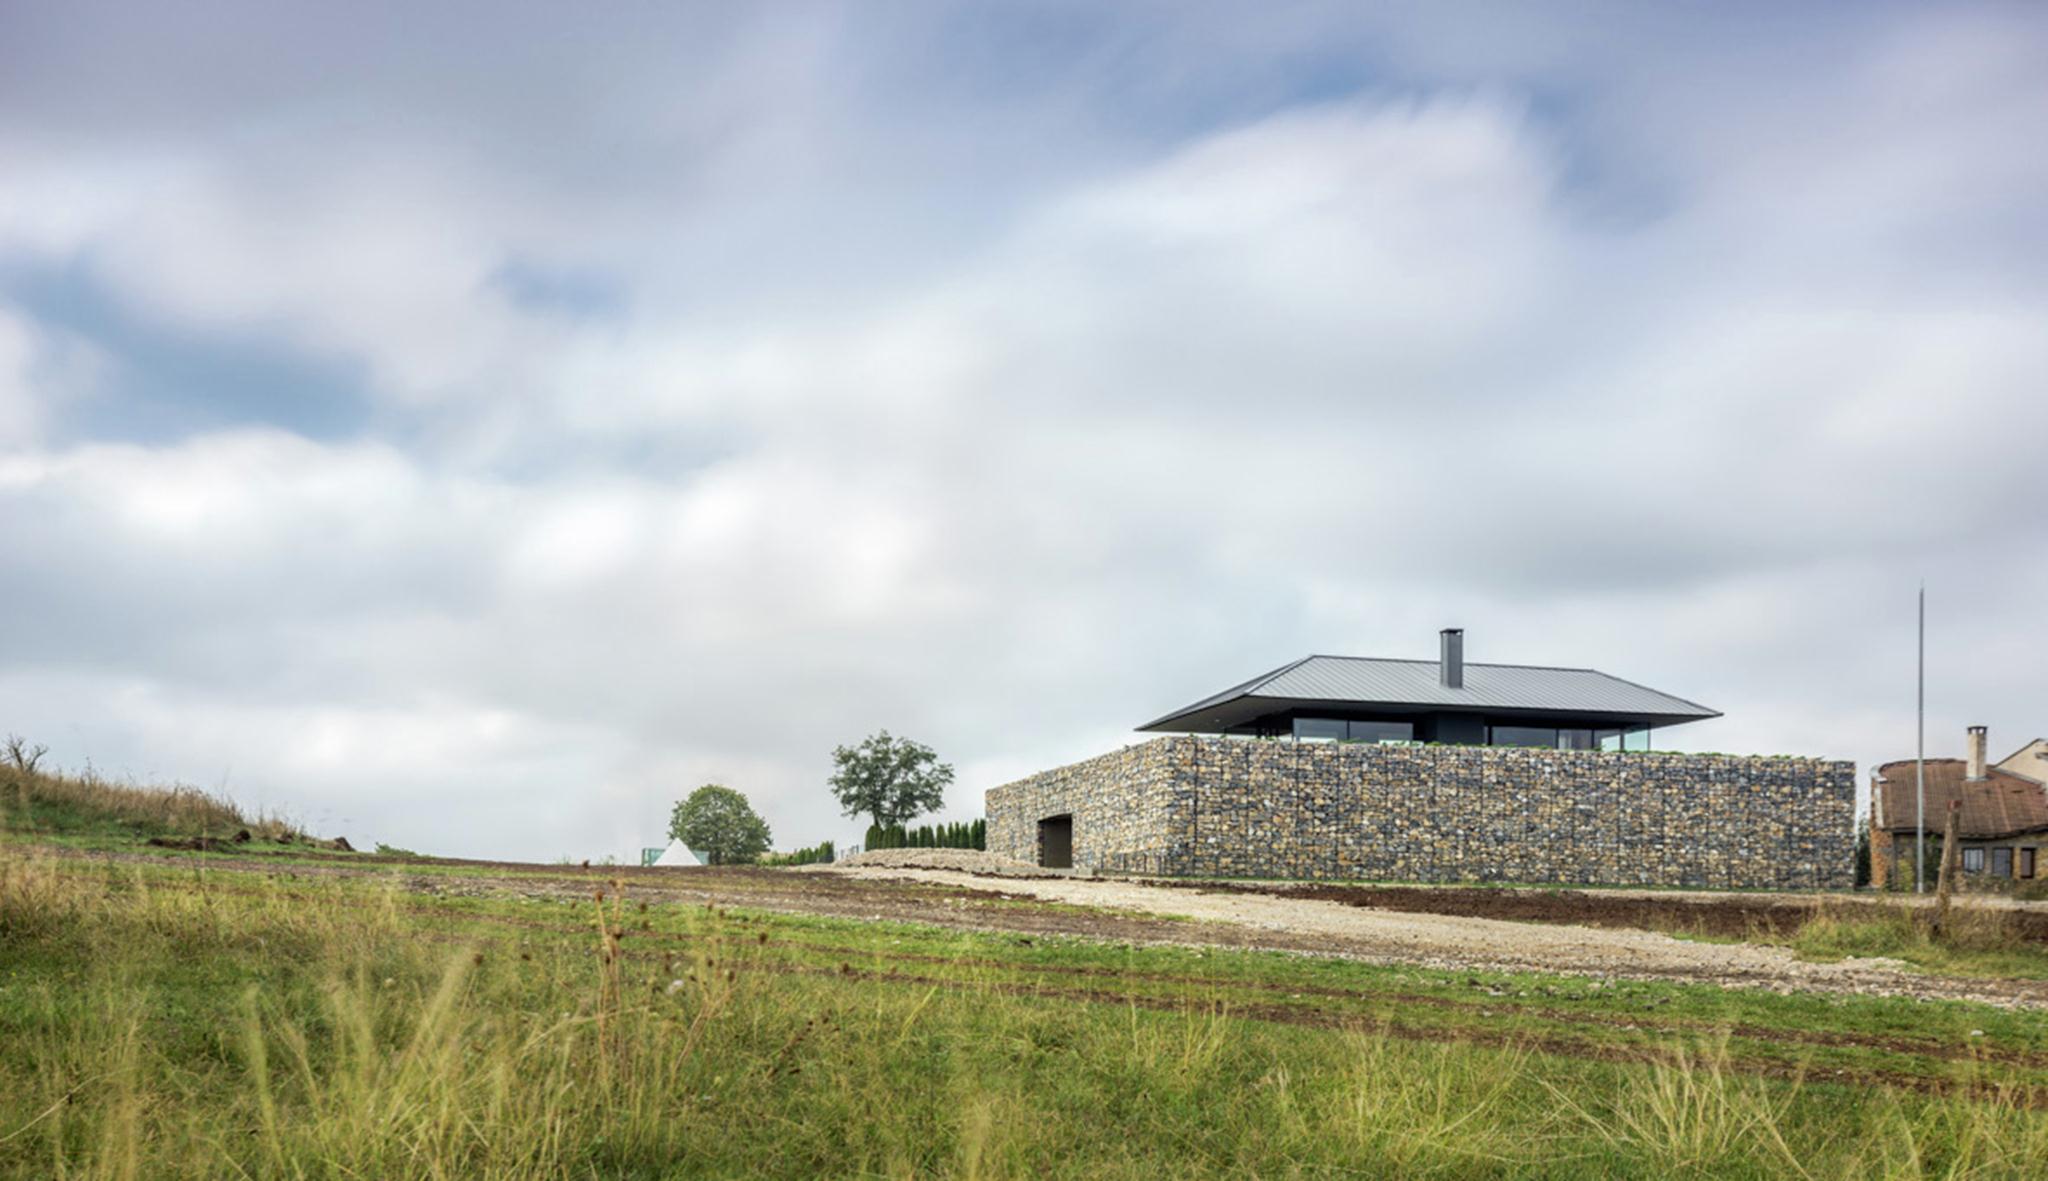 Ngôi biệt thự nằm trên một ngọn đồi ở góc cao của một ngôi làng giữa vùng nông nghiệp ở Sofia, Đông Bắc Bulgaria.